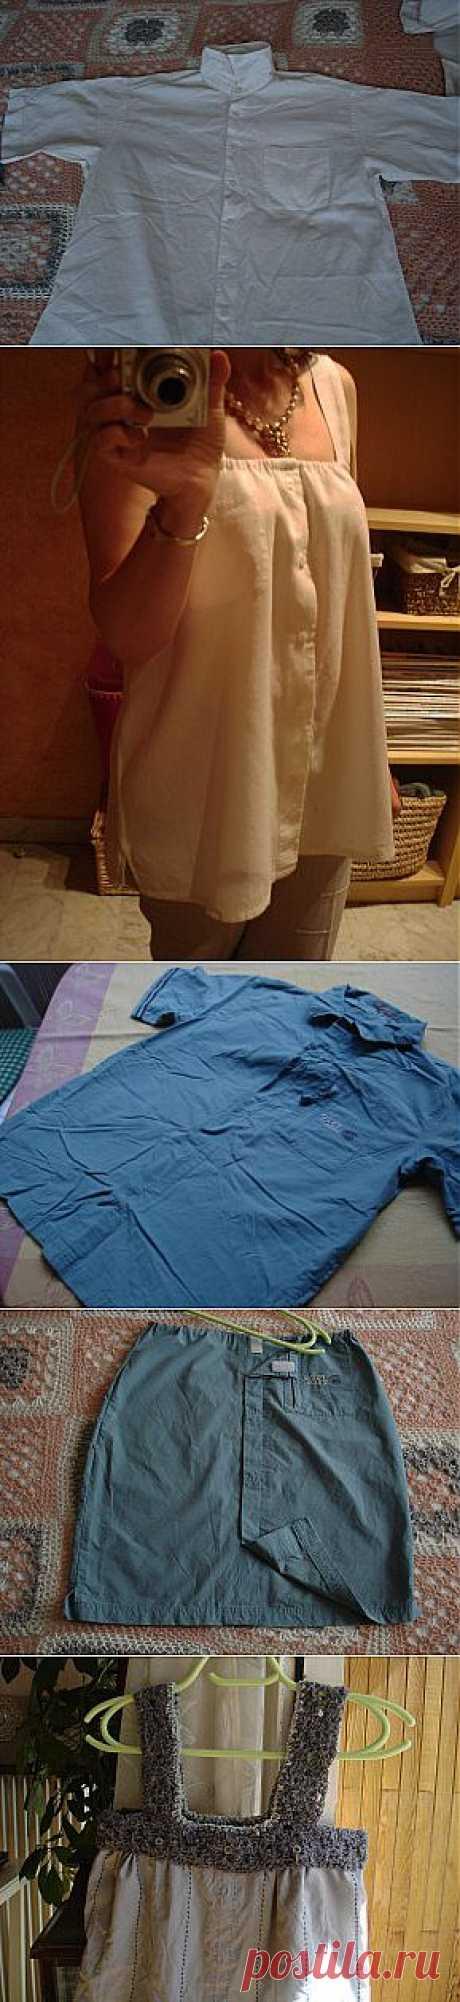 Переделки из старой рубашки | Умелые ручки